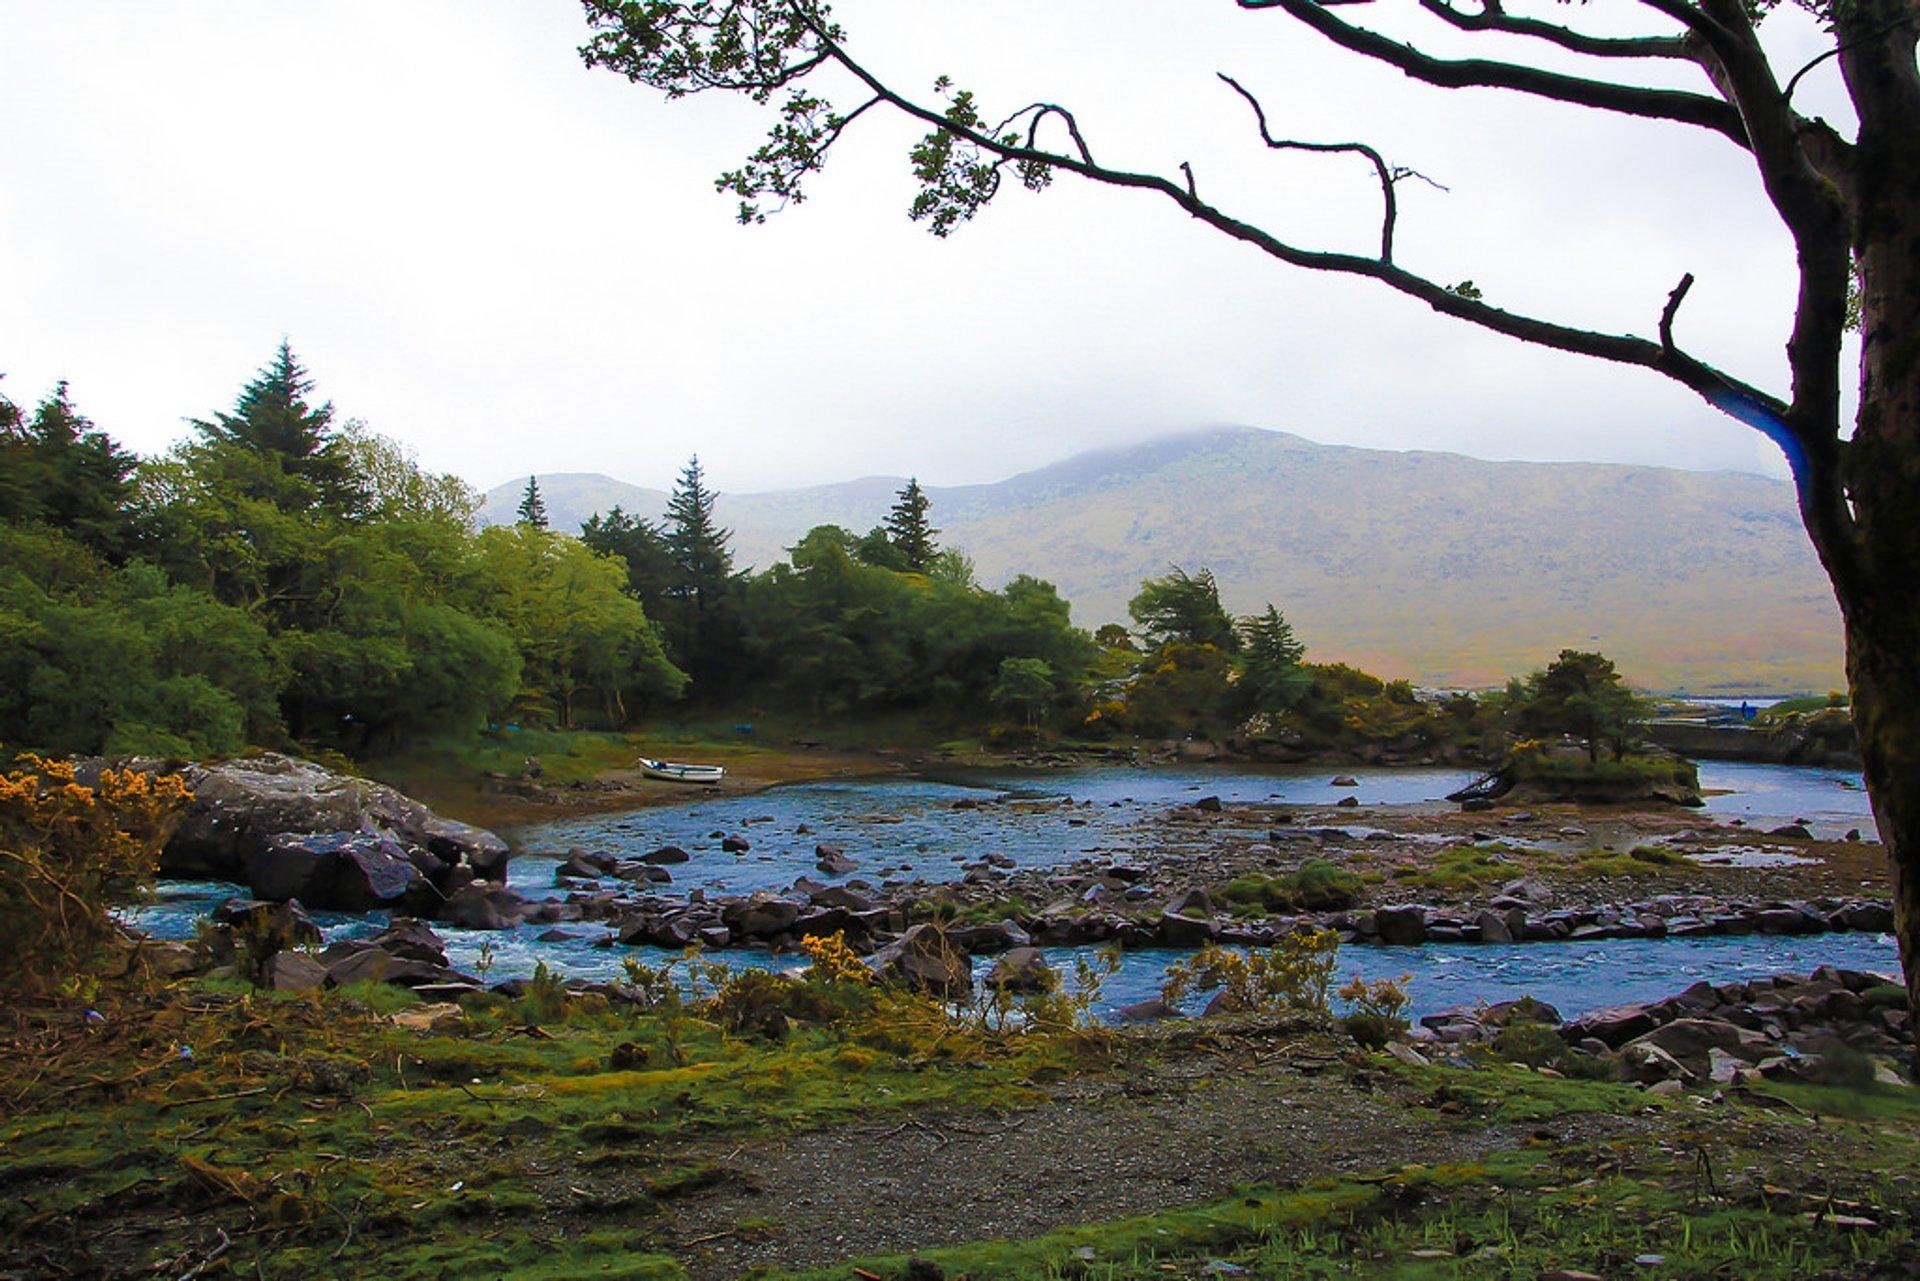 Connemara Region at Best in Ireland - Best Season 2020